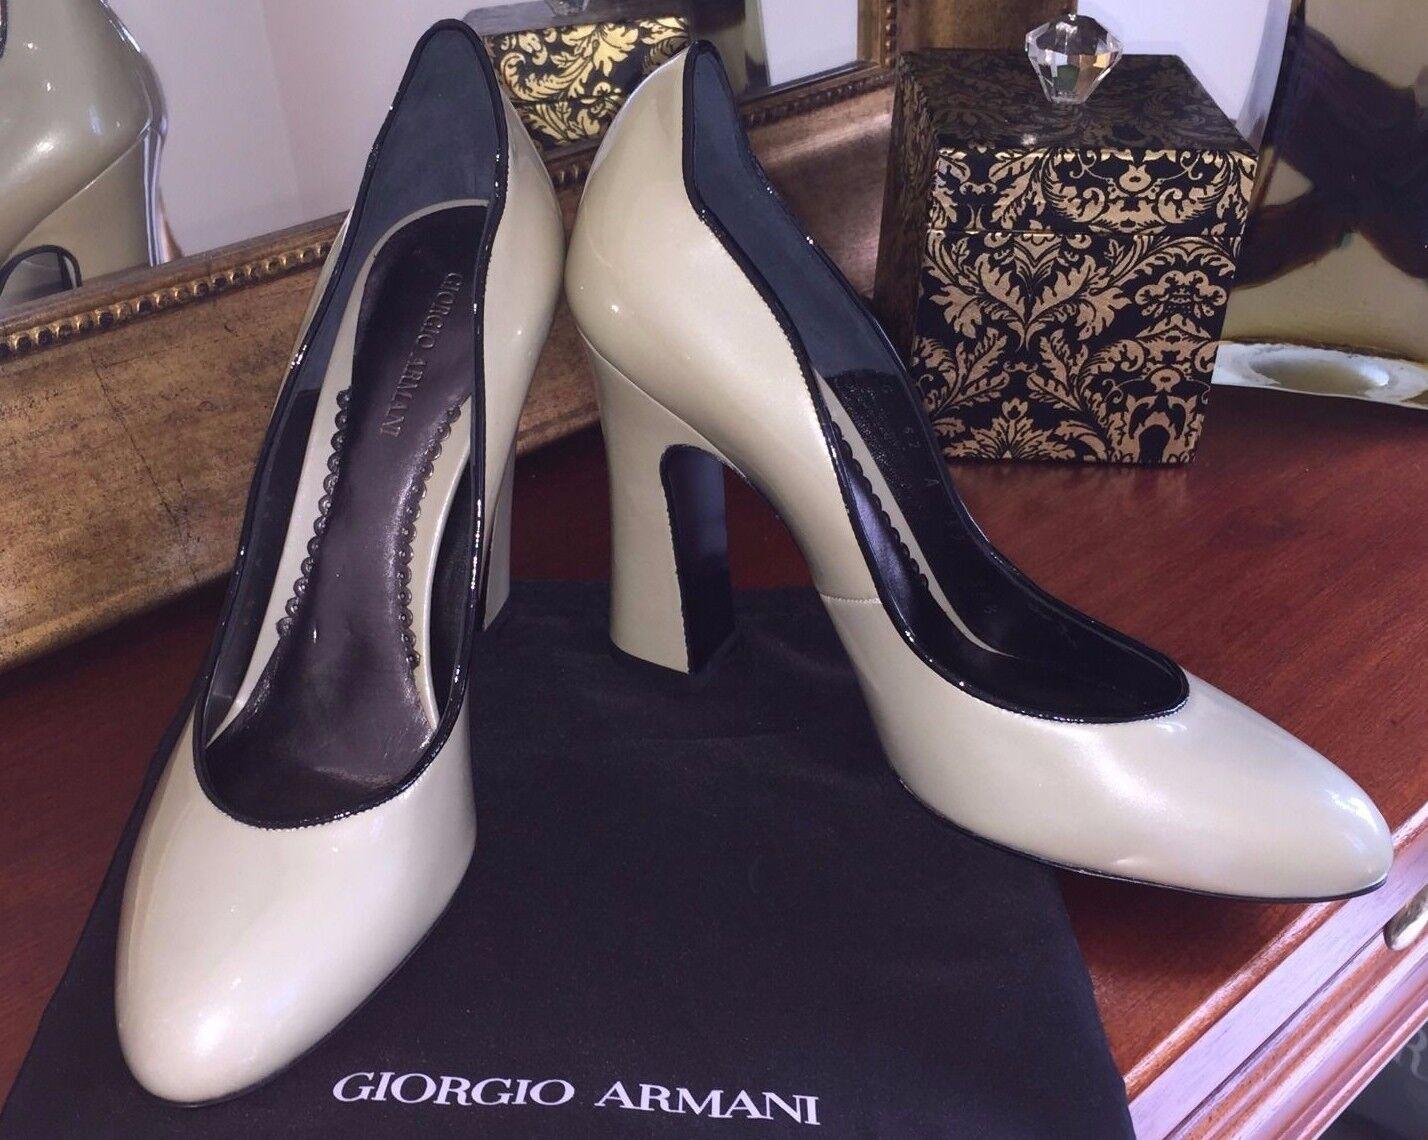 senza esitazione! acquista ora! Brand New Giorgio Armani Patent Leather Leather Leather Pump scarpe XGDB62 Dimensione EU 38.5  in vendita